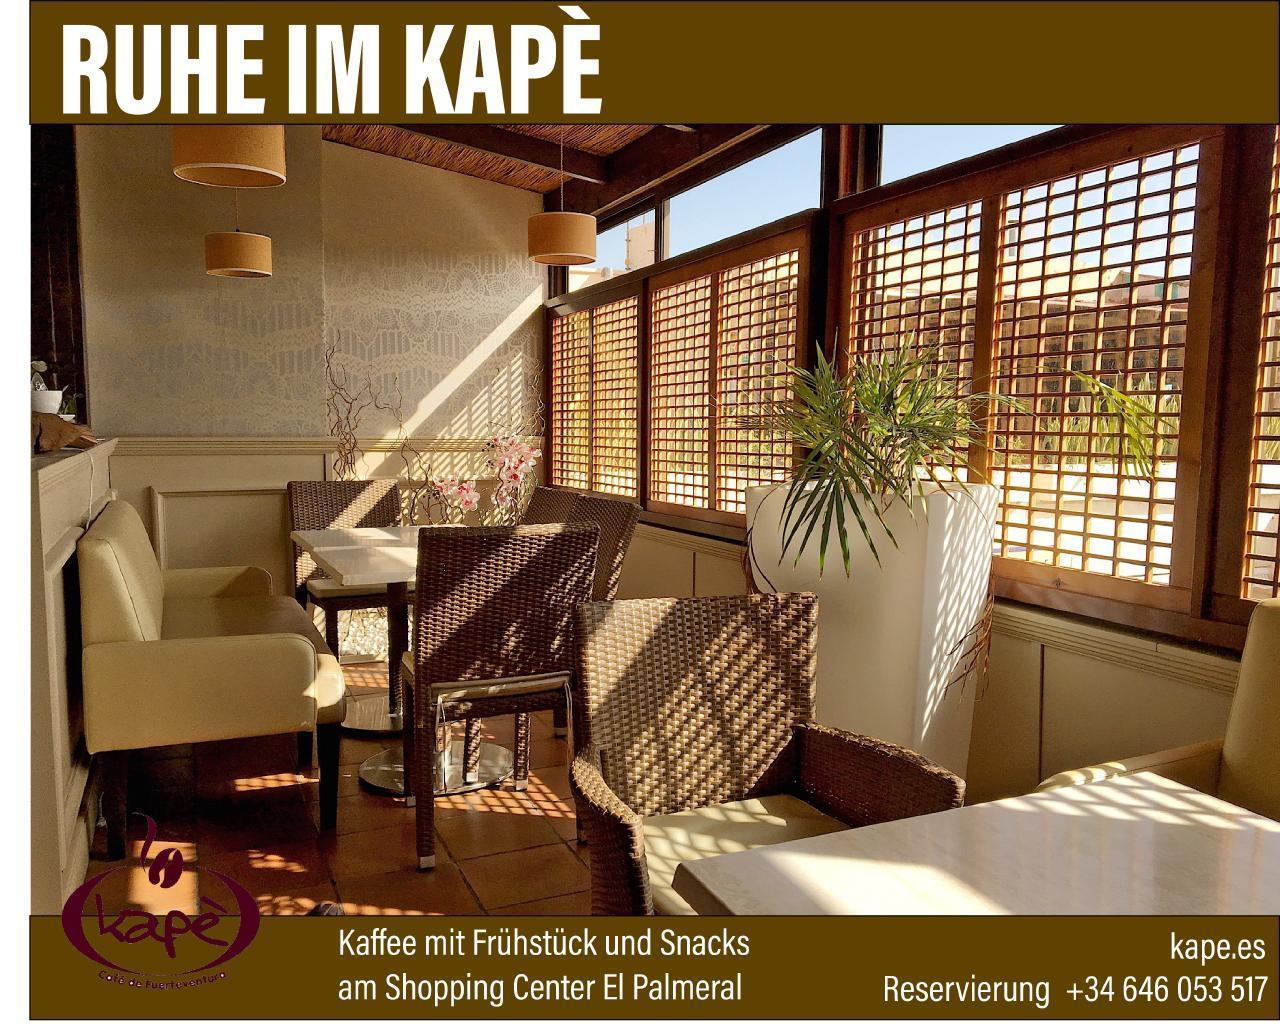 Ferienwohnung 114 m²  - 1A Meerblick  -  Strandnah  -  Familienfreundlich  -  Top Lage (2633968), Costa Calma, Fuerteventura, Kanarische Inseln, Spanien, Bild 30